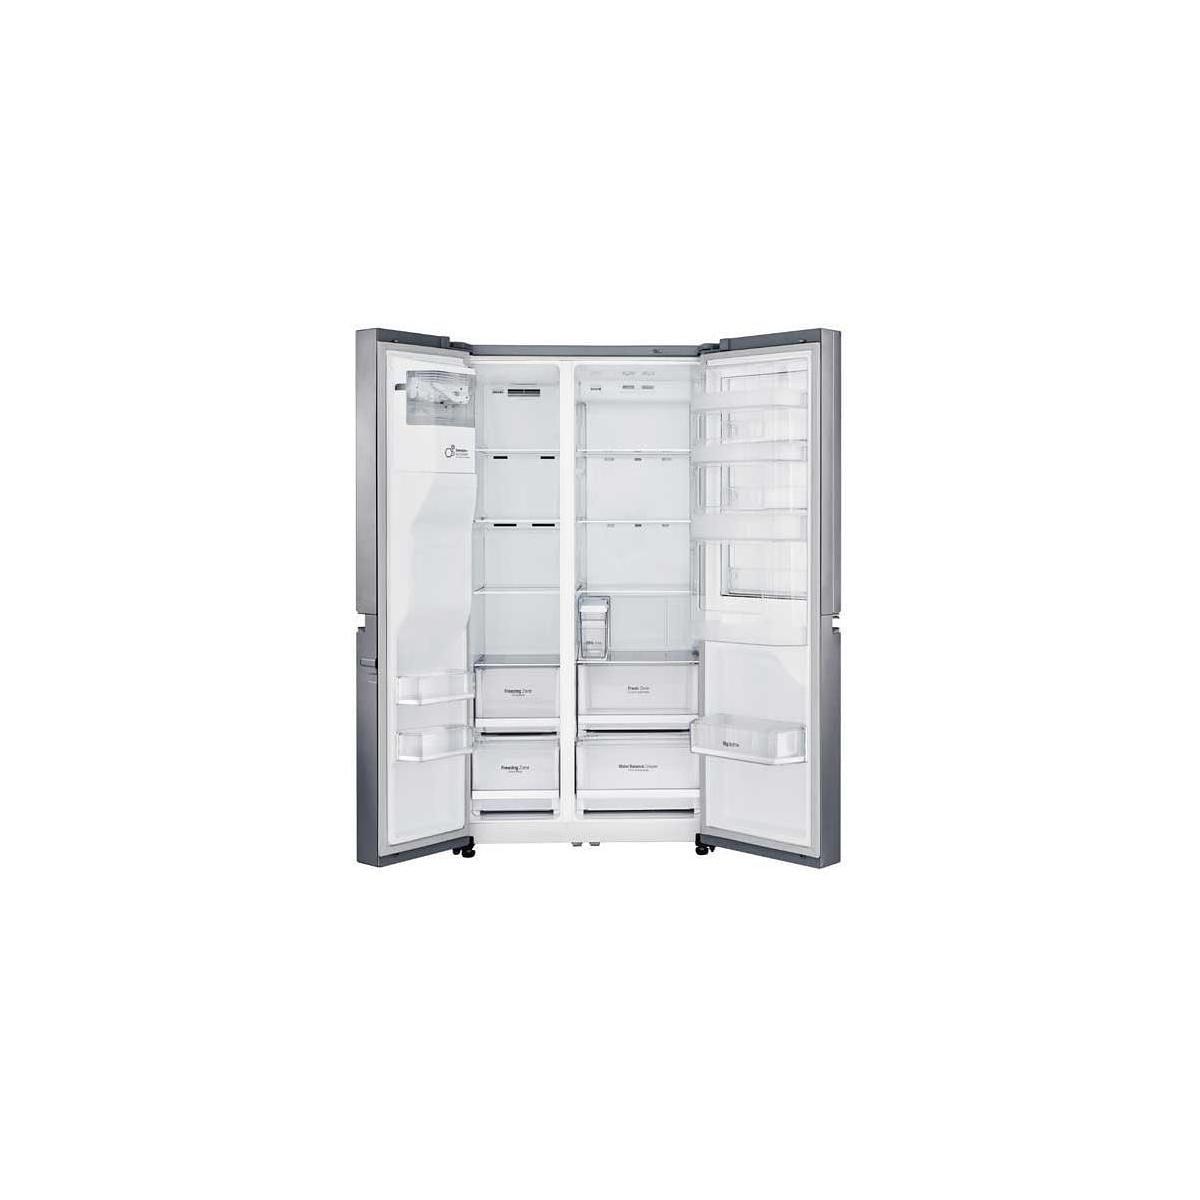 lg gsj 461 didv a side by side k hl gefrierkombination 912 mm breit nofrost edelstahl. Black Bedroom Furniture Sets. Home Design Ideas